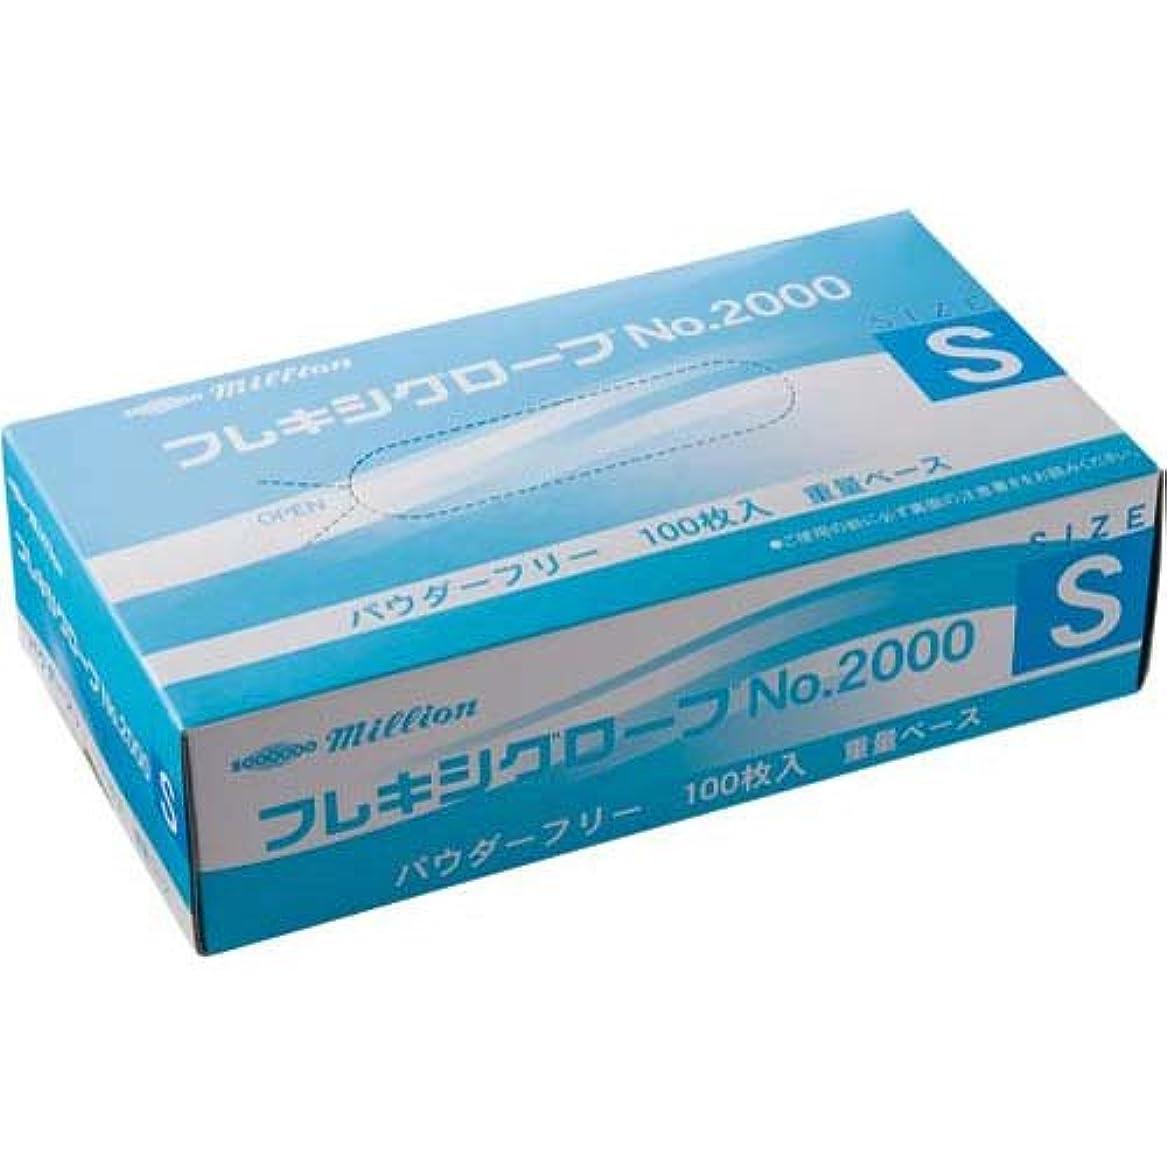 櫛香りつかむ共和 プラスチック手袋 粉無 No.2000 S 10箱